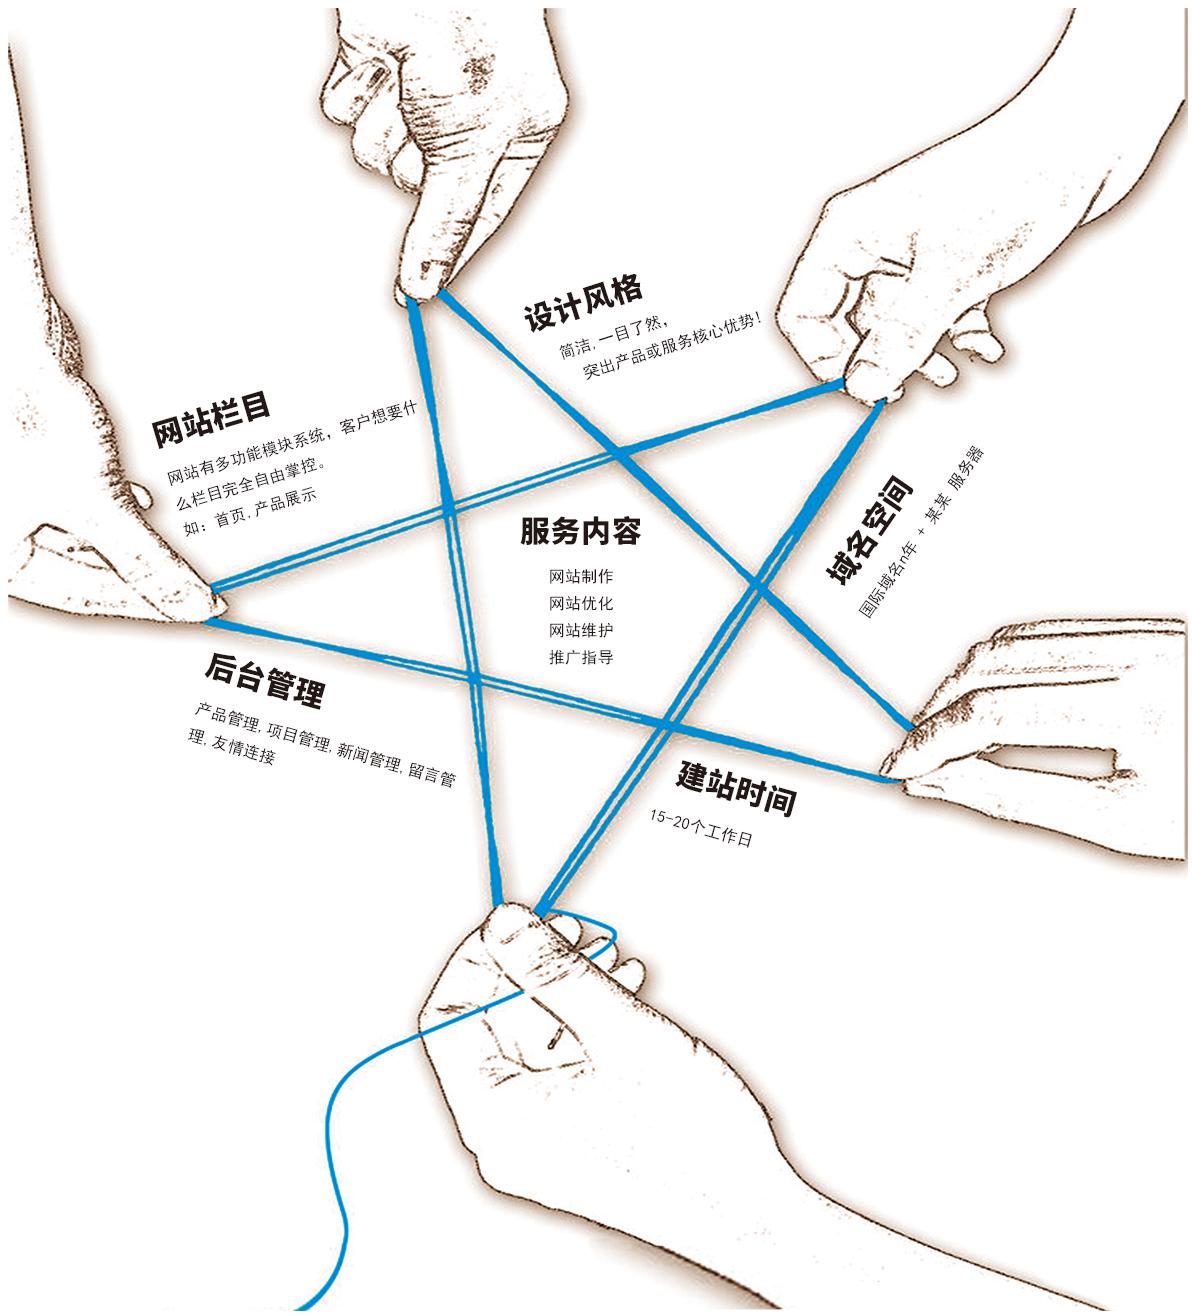 黄蓉版杨贵妃下载_广州以物换物的网站_广州酒家_广州黑人_广州生活